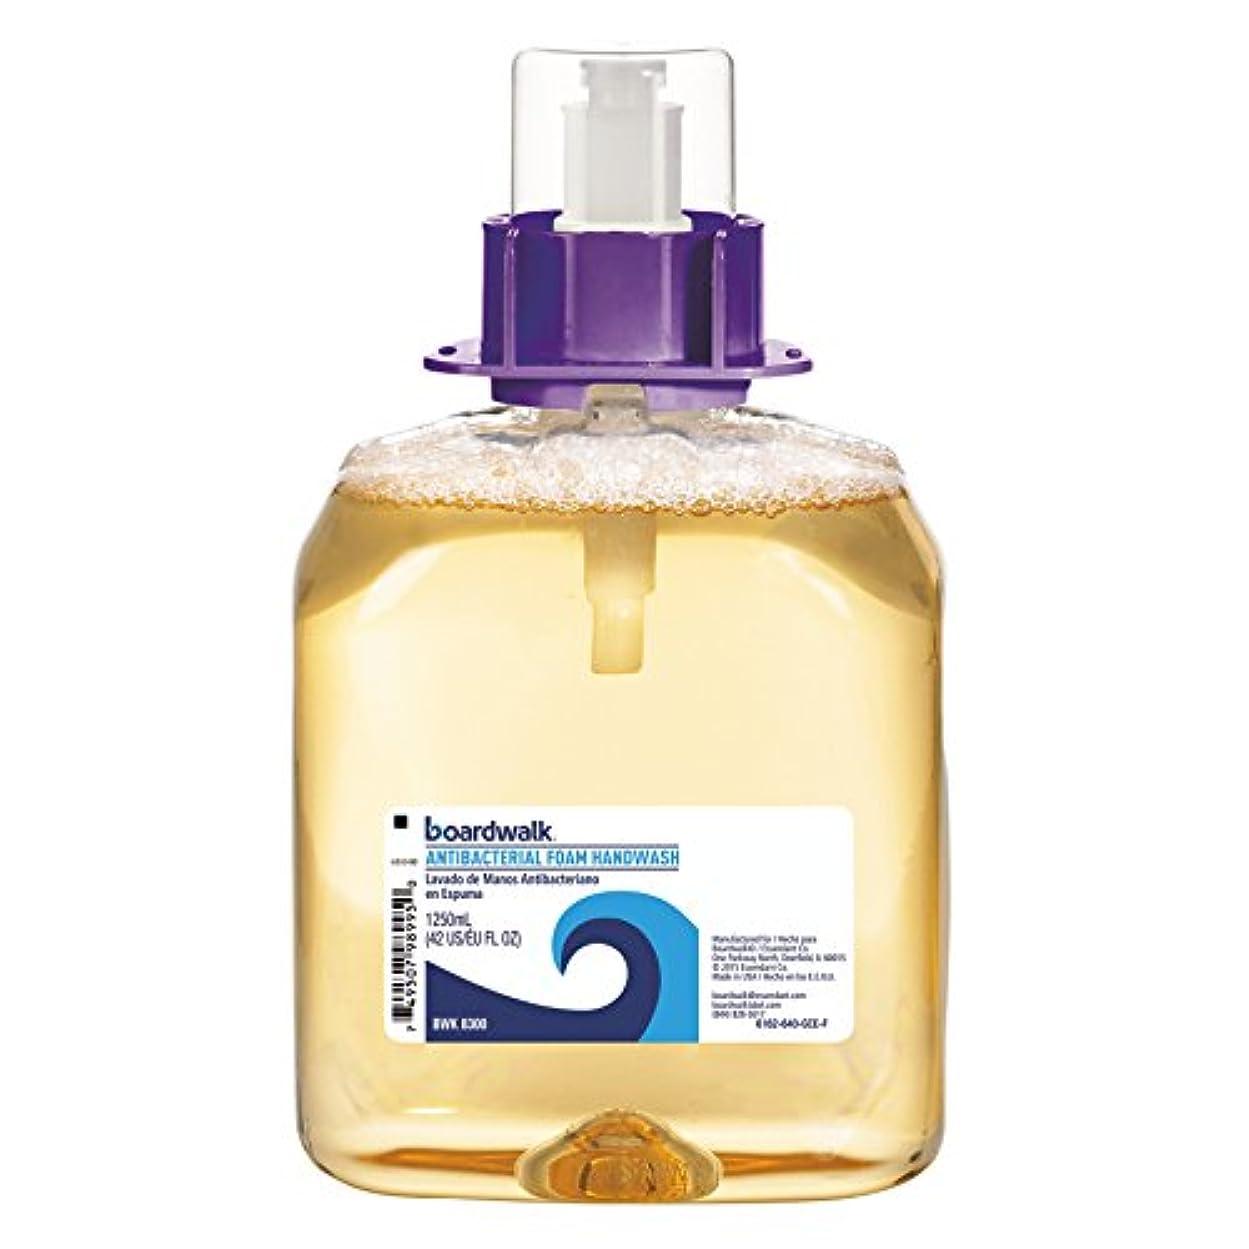 続編ハイブリッド手当Foam Antibacterial Handwash, Sweet Pea, 1250ml Refill, 4 per Carton (並行輸入品)